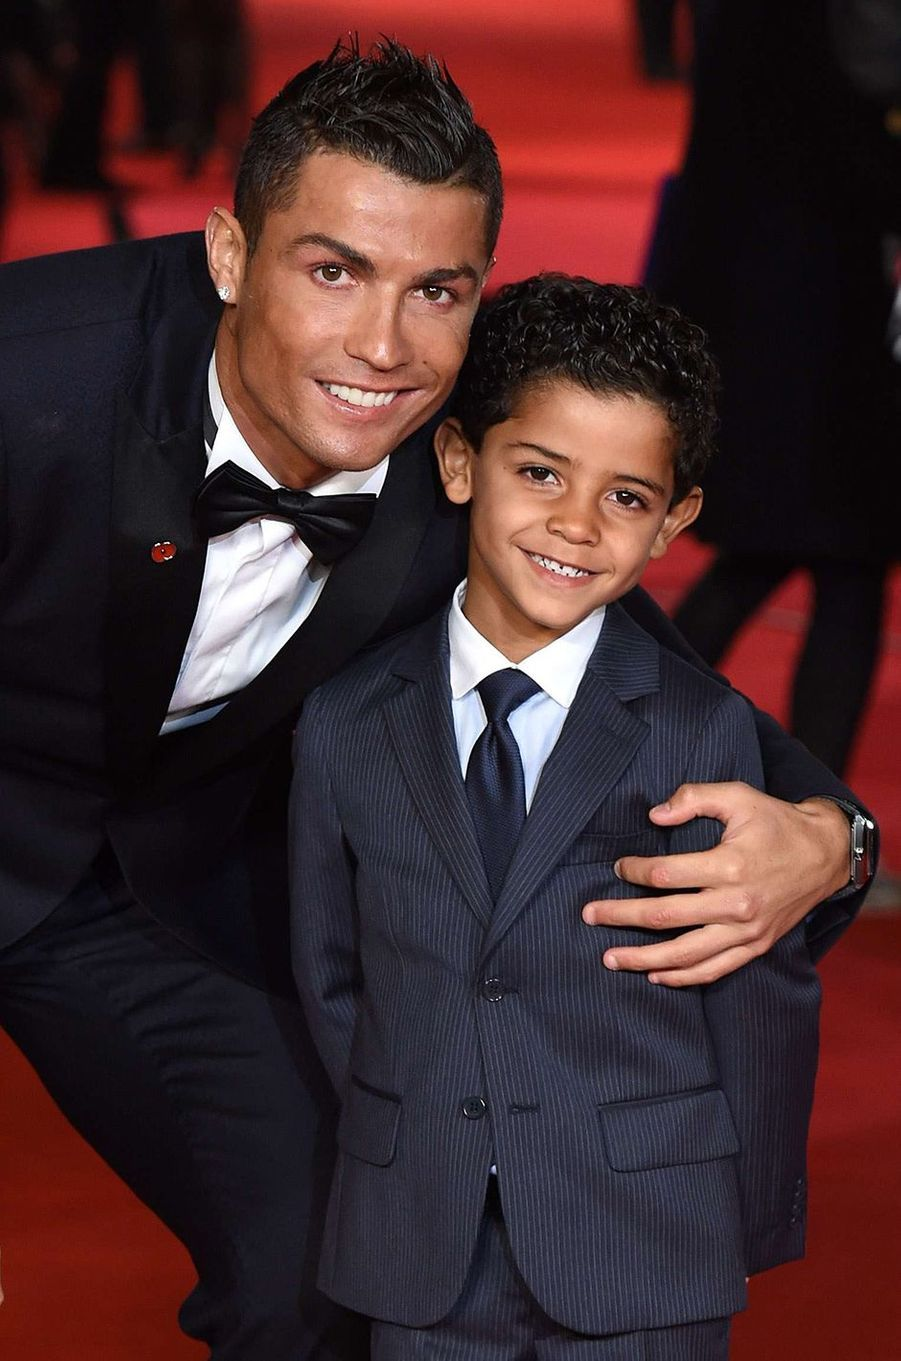 Cristiano Ronaldo et son fils Junior